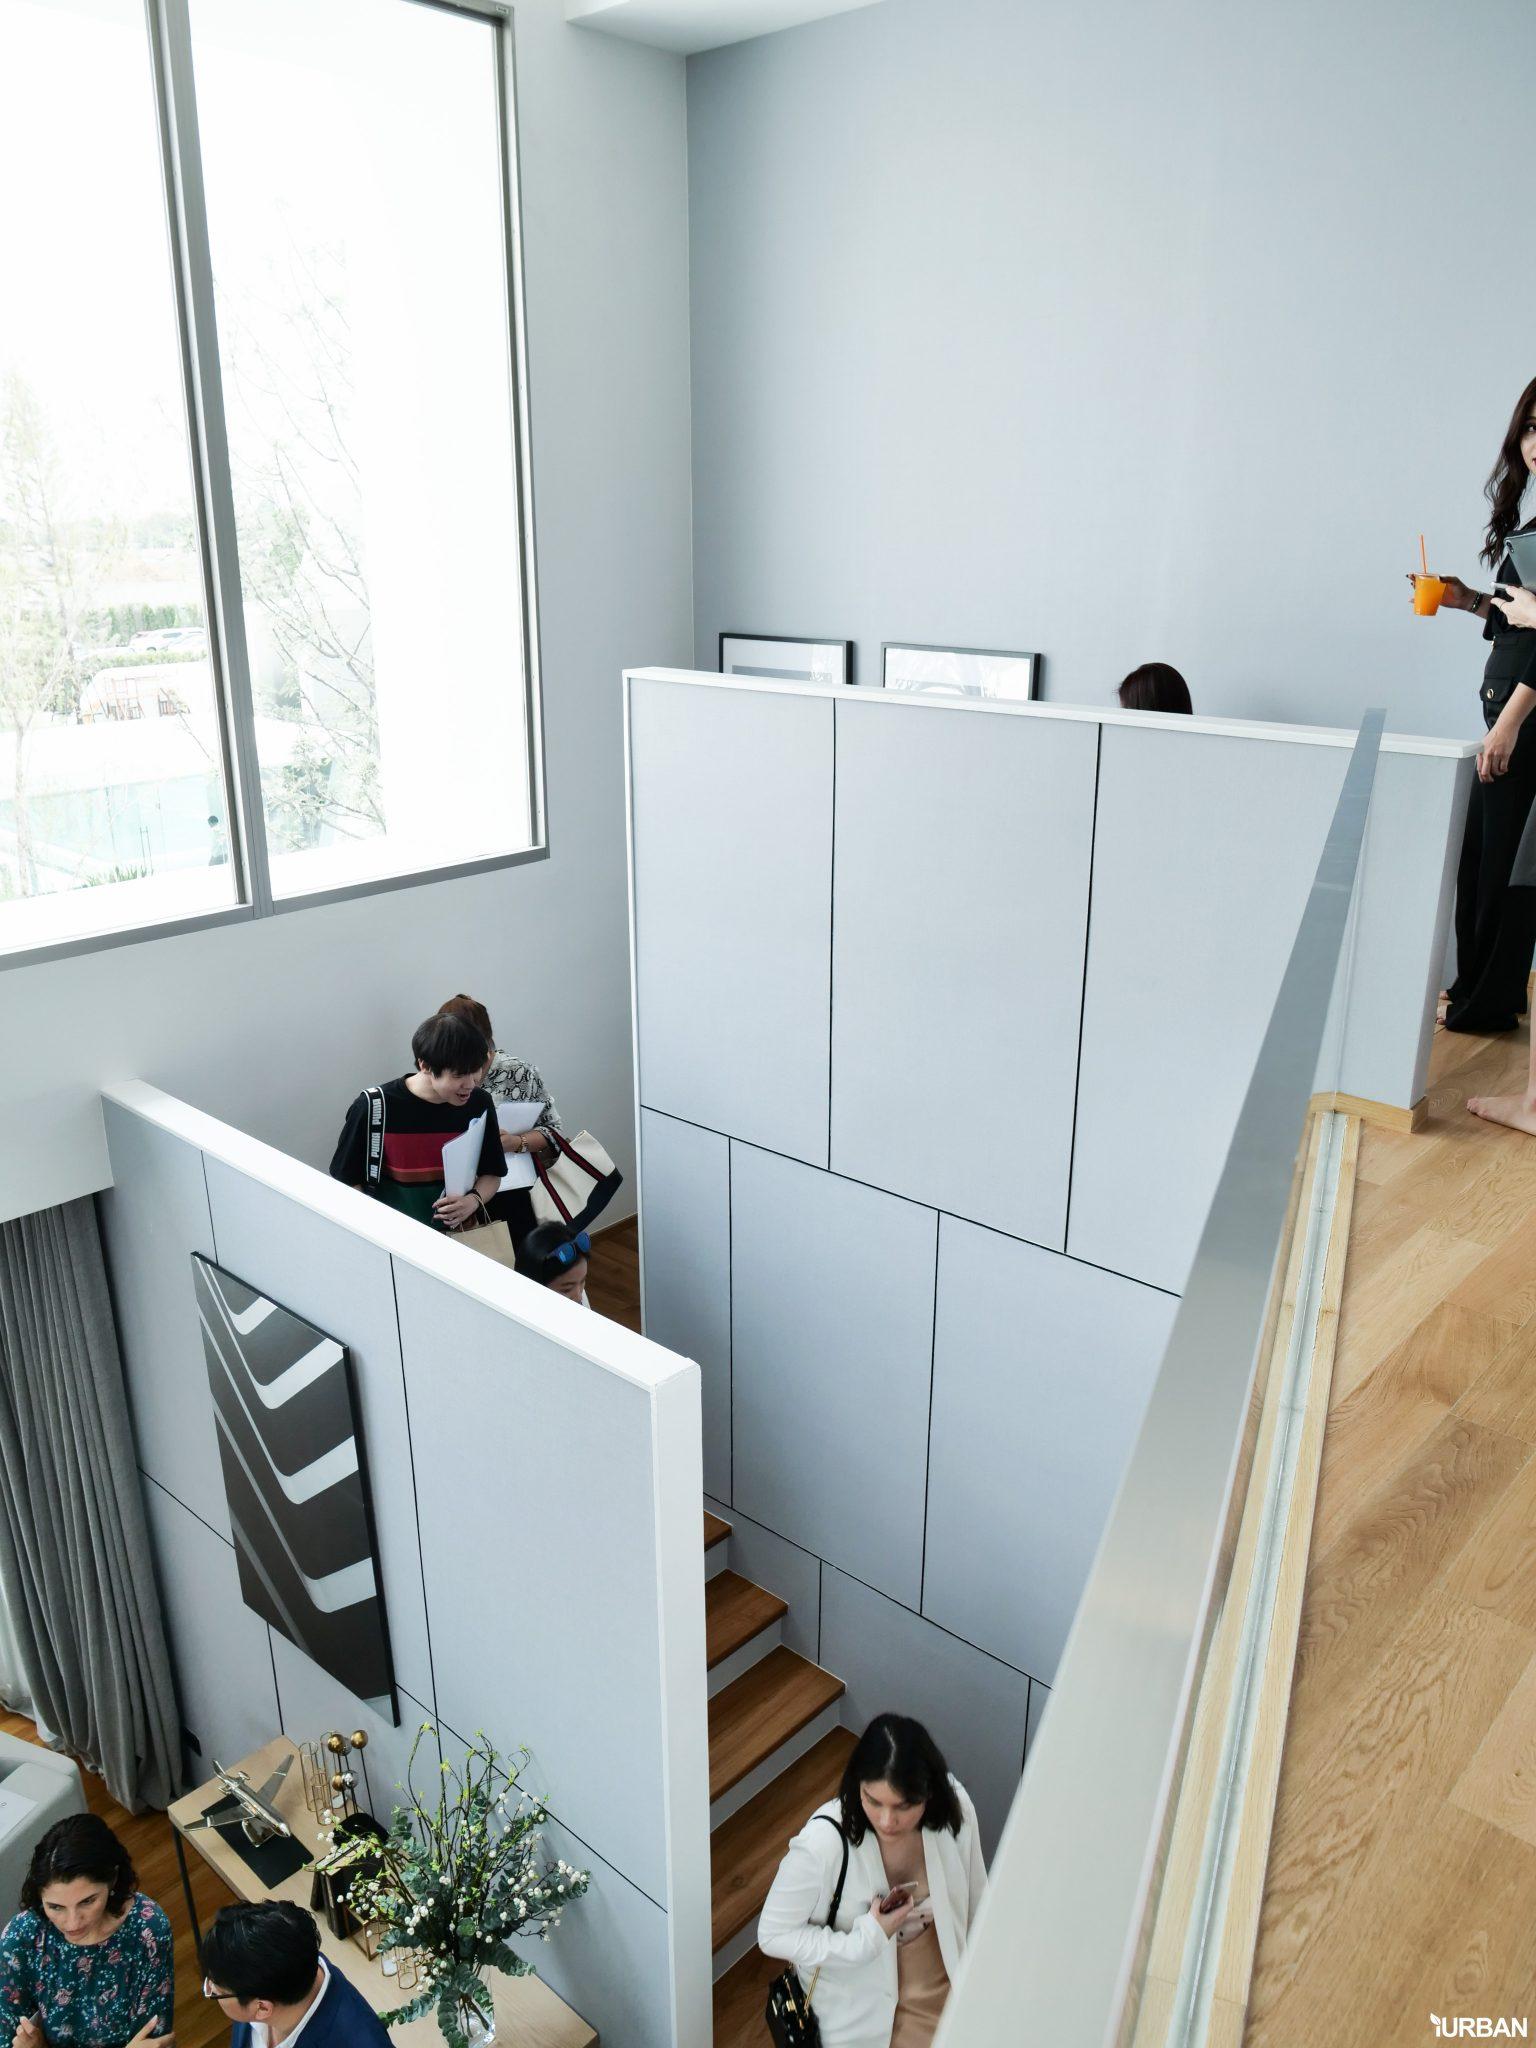 """""""เนอวานา ไดอิ"""" ปฏิวัติรูปแบบการอยู่อาศัย พร้อมเปิดโครงการ """"เนอวานา บียอนด์ พระราม 9-กรุงเทพกรีฑา"""" บ้านต้นแบบแนวคิดใหม่ 36 -"""